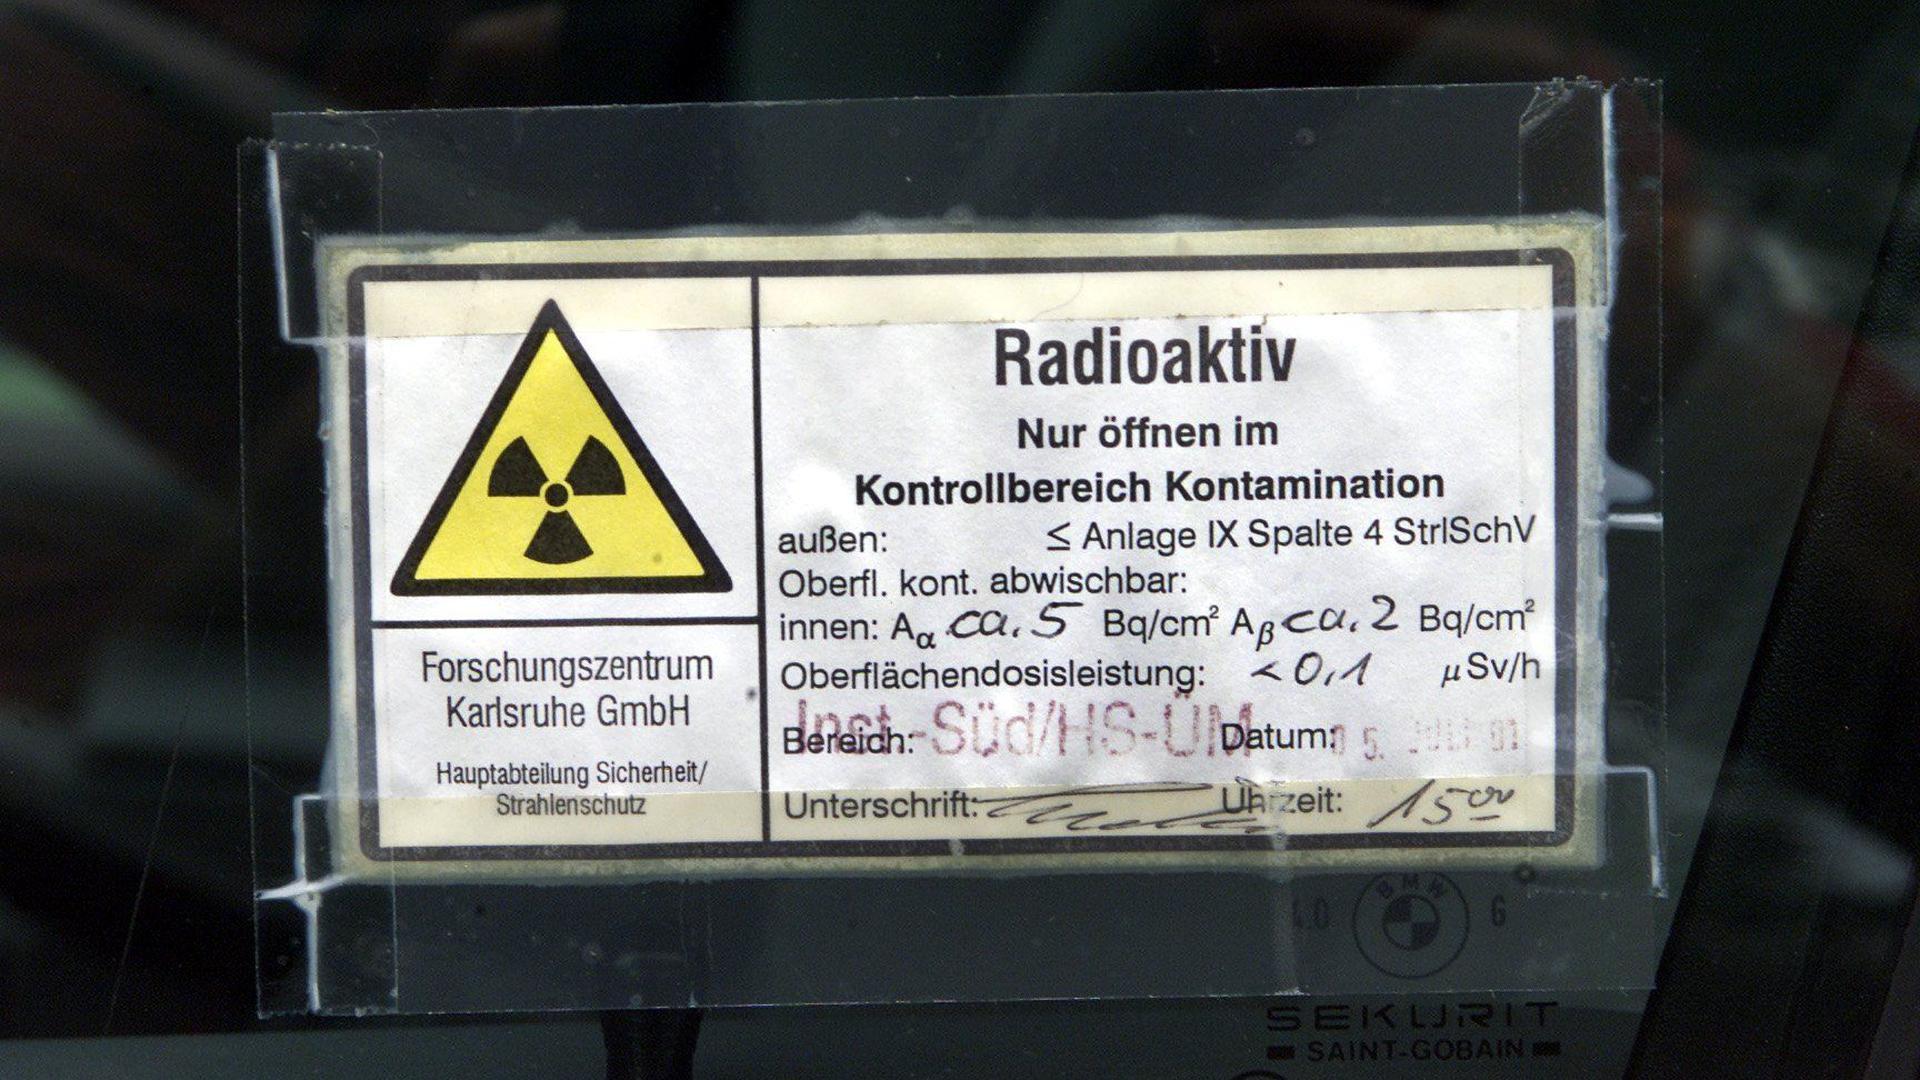 Das Foto vom Montag (16.07.2001) zeigt einen Radiokativ-Aufkleber auf einem Auto, das vor der medizinischen Abteilung des Forschungszentrums Karlsruhe abgestellt ist. Ein Arbeiter soll hochgiftiges Plutonium aus der Wiederaufbereitungsanlage (WAK) gestohlen haben, die sich auf dem Gelände des Forschungszentrums befindet. Er und zwei weitere Personen wurden in der Folge dadurch verstrahlt und werden in der medizinischen Abteilung behandelt. Die WAK wurde 1990 stillgelegt und wird seit 1996 abgebaut. dpa/lsw (zu dpa/lsw vom 16.07.2001) +++ dpa-Bildfunk +++